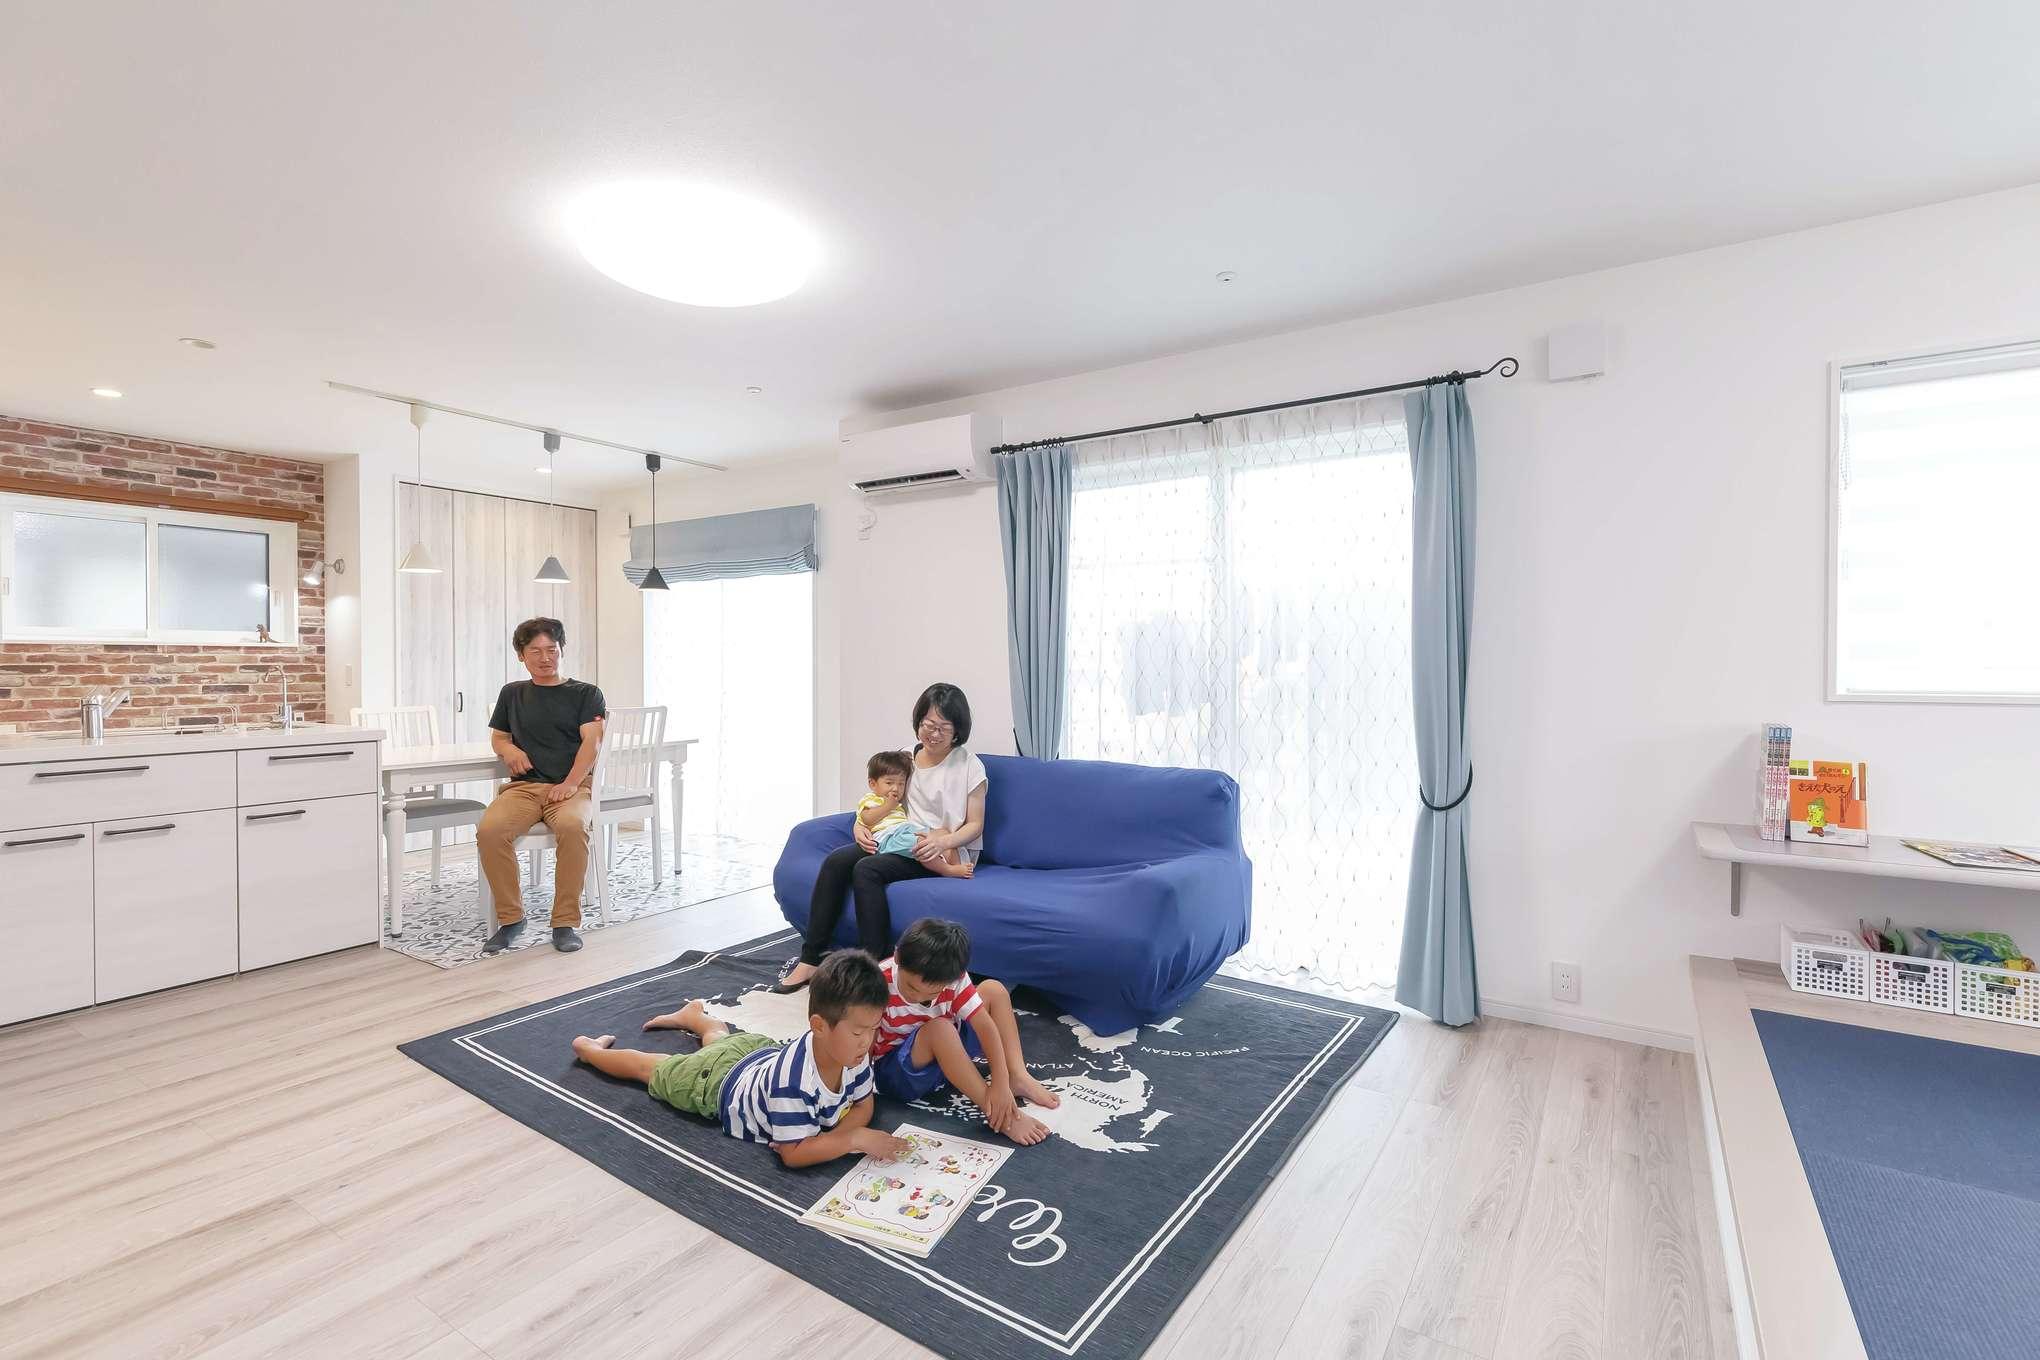 原田工務店【デザイン住宅、子育て、間取り】内装や家具に用いたブルーのグラデーションで統一感を持たせ、オシャレにコーディネート。LDKのソファやラグ、アクセントクロス、小上がりの畳もすべてブルーで統一